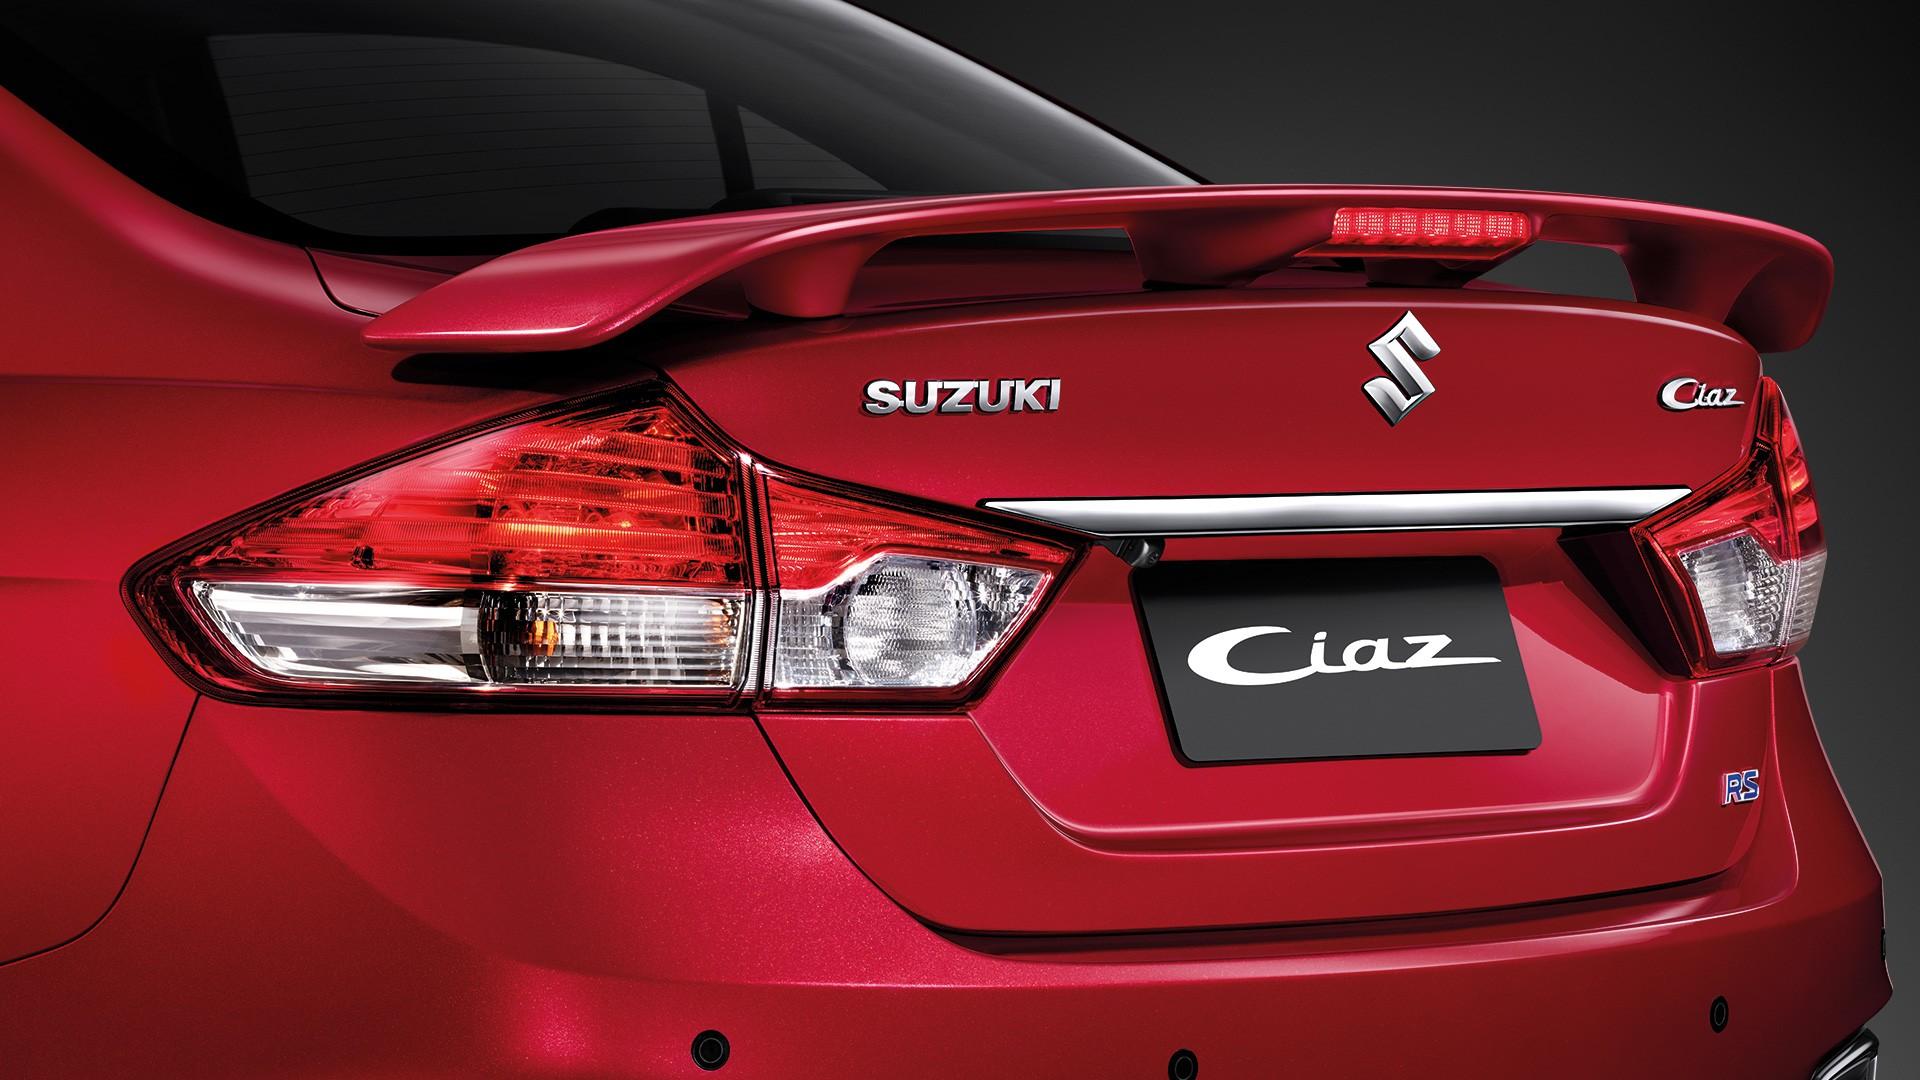 Suzuki Ciaz ชุดแต่งสไตล์สปอร์ตพร้อมสปอยเลอร์หลังไดนามิก